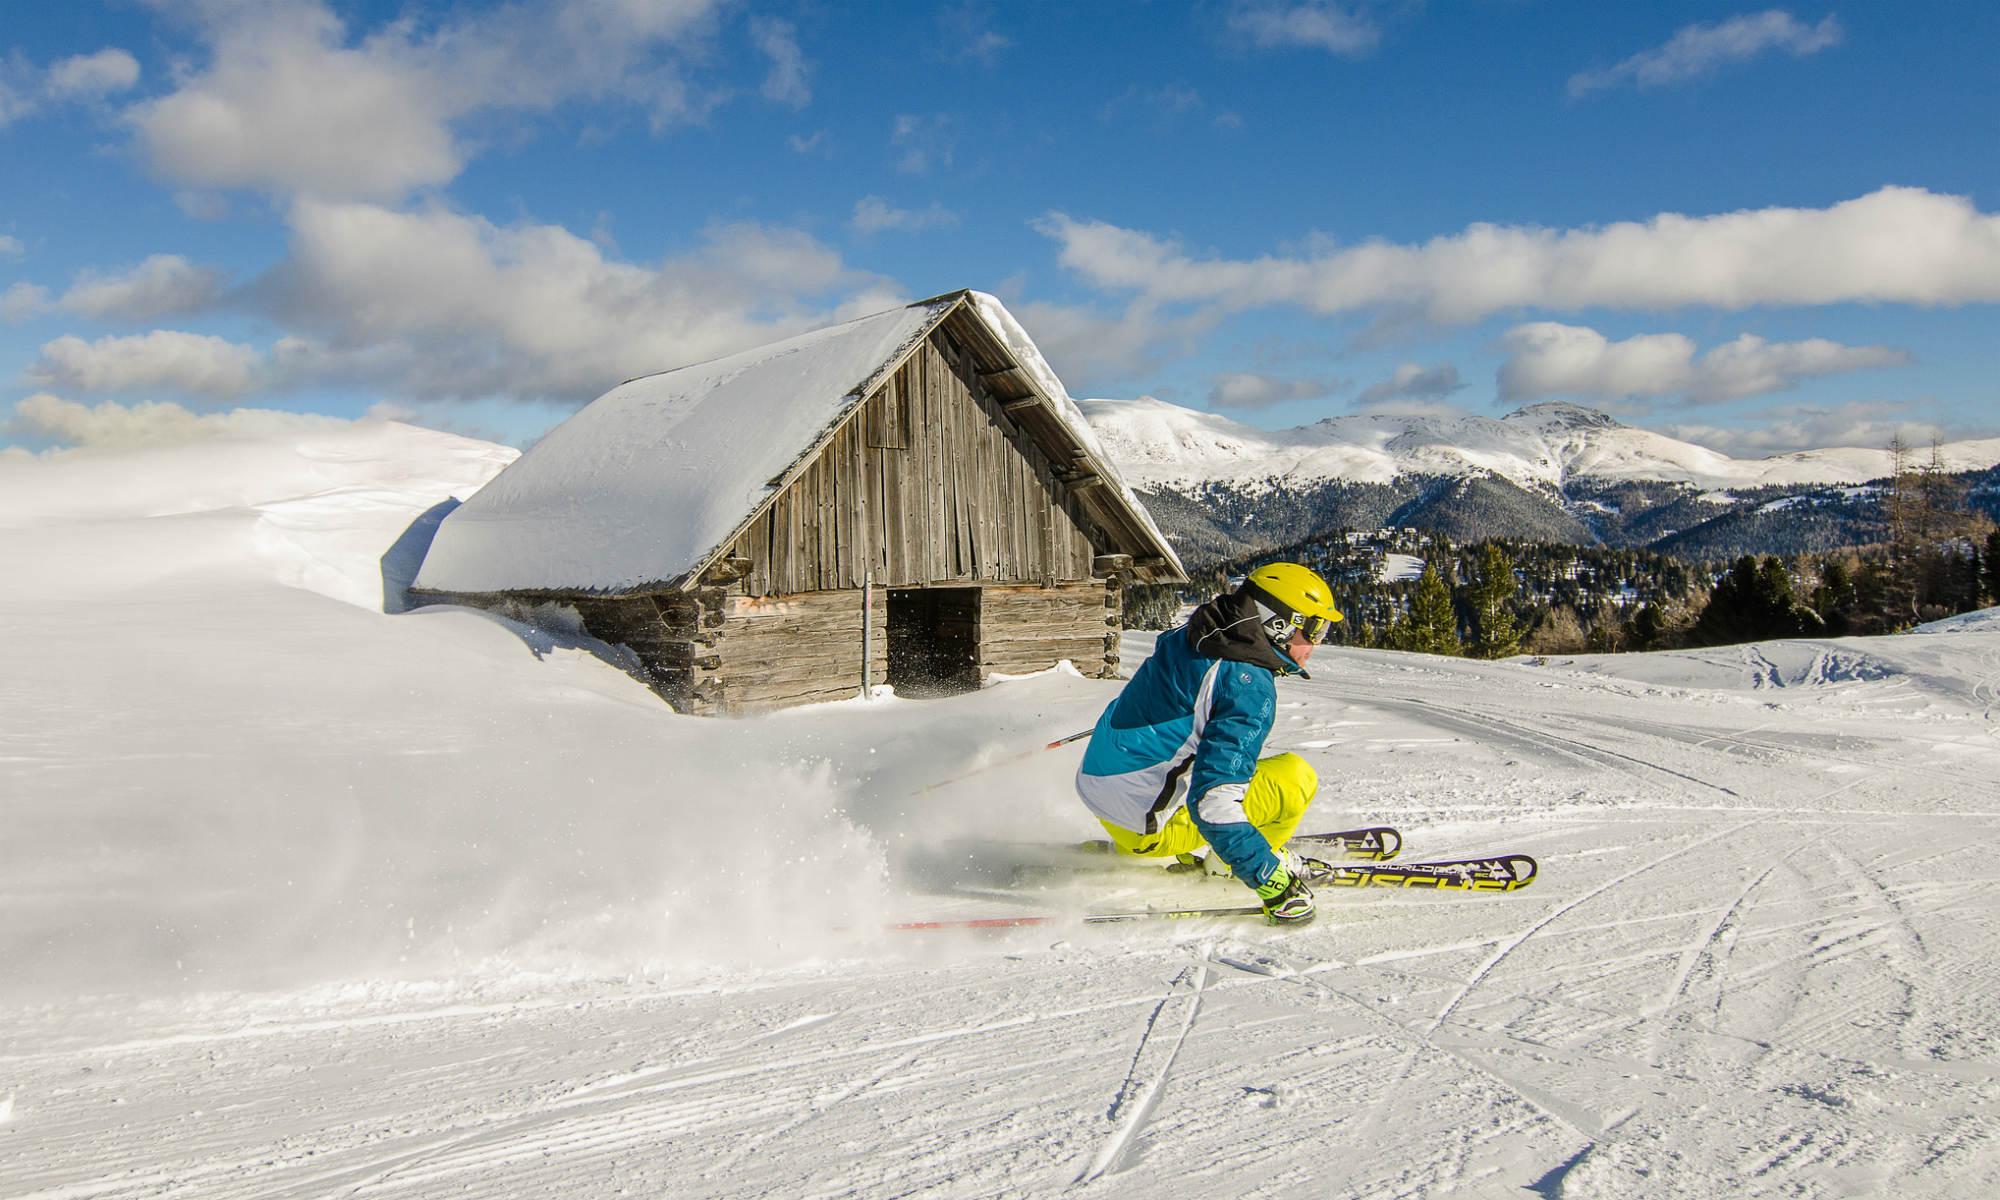 Ein Skifahrer beim Carven auf einer sonnigen Piste auf der Turracher Höhe.